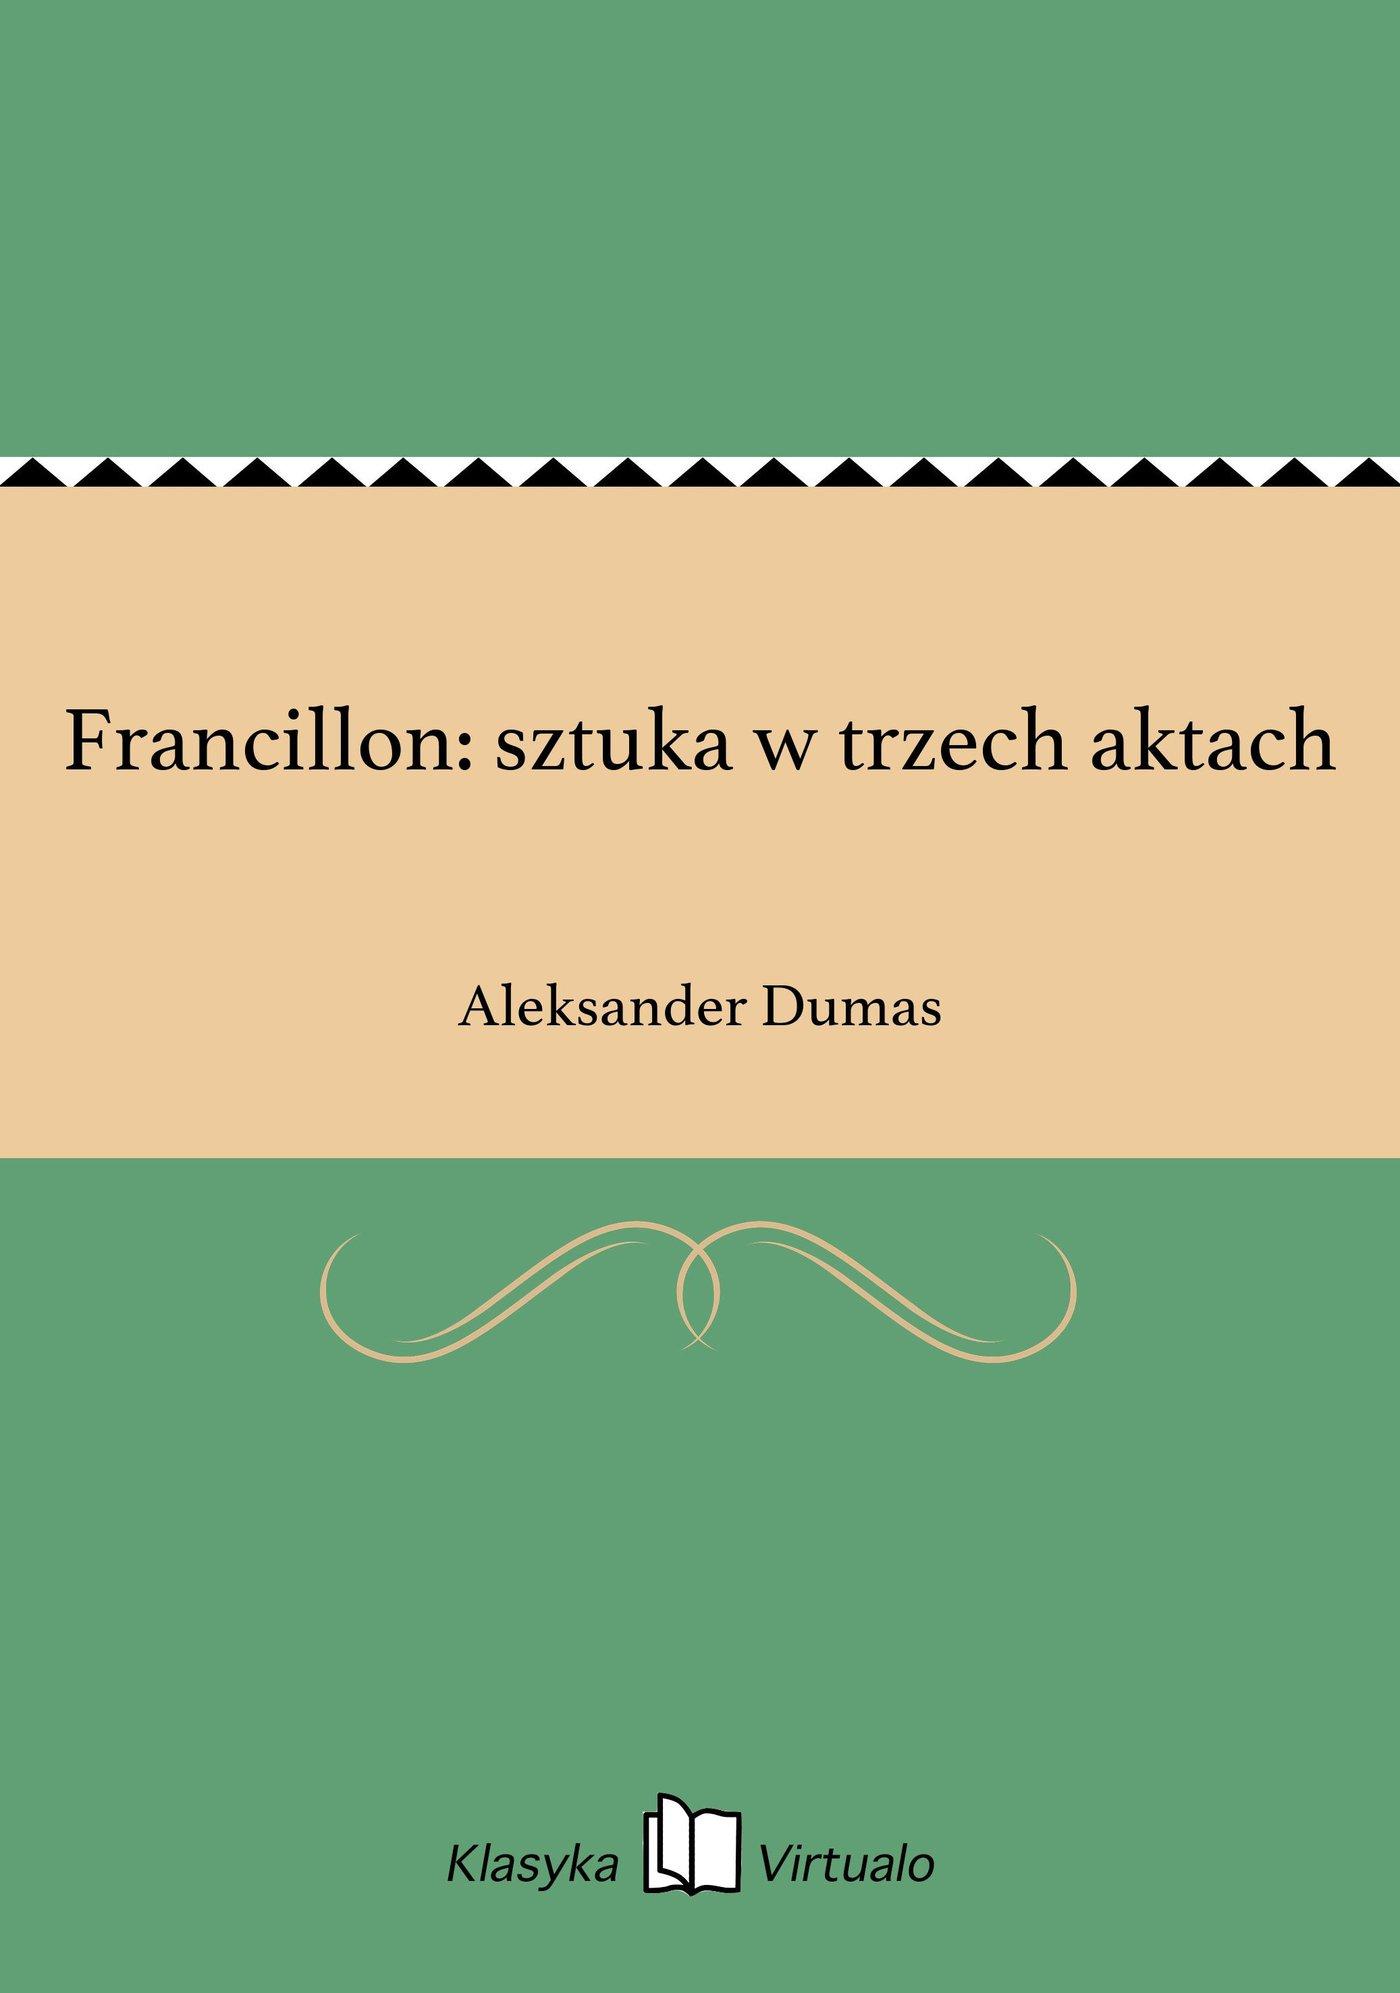 Francillon: sztuka w trzech aktach - Ebook (Książka EPUB) do pobrania w formacie EPUB